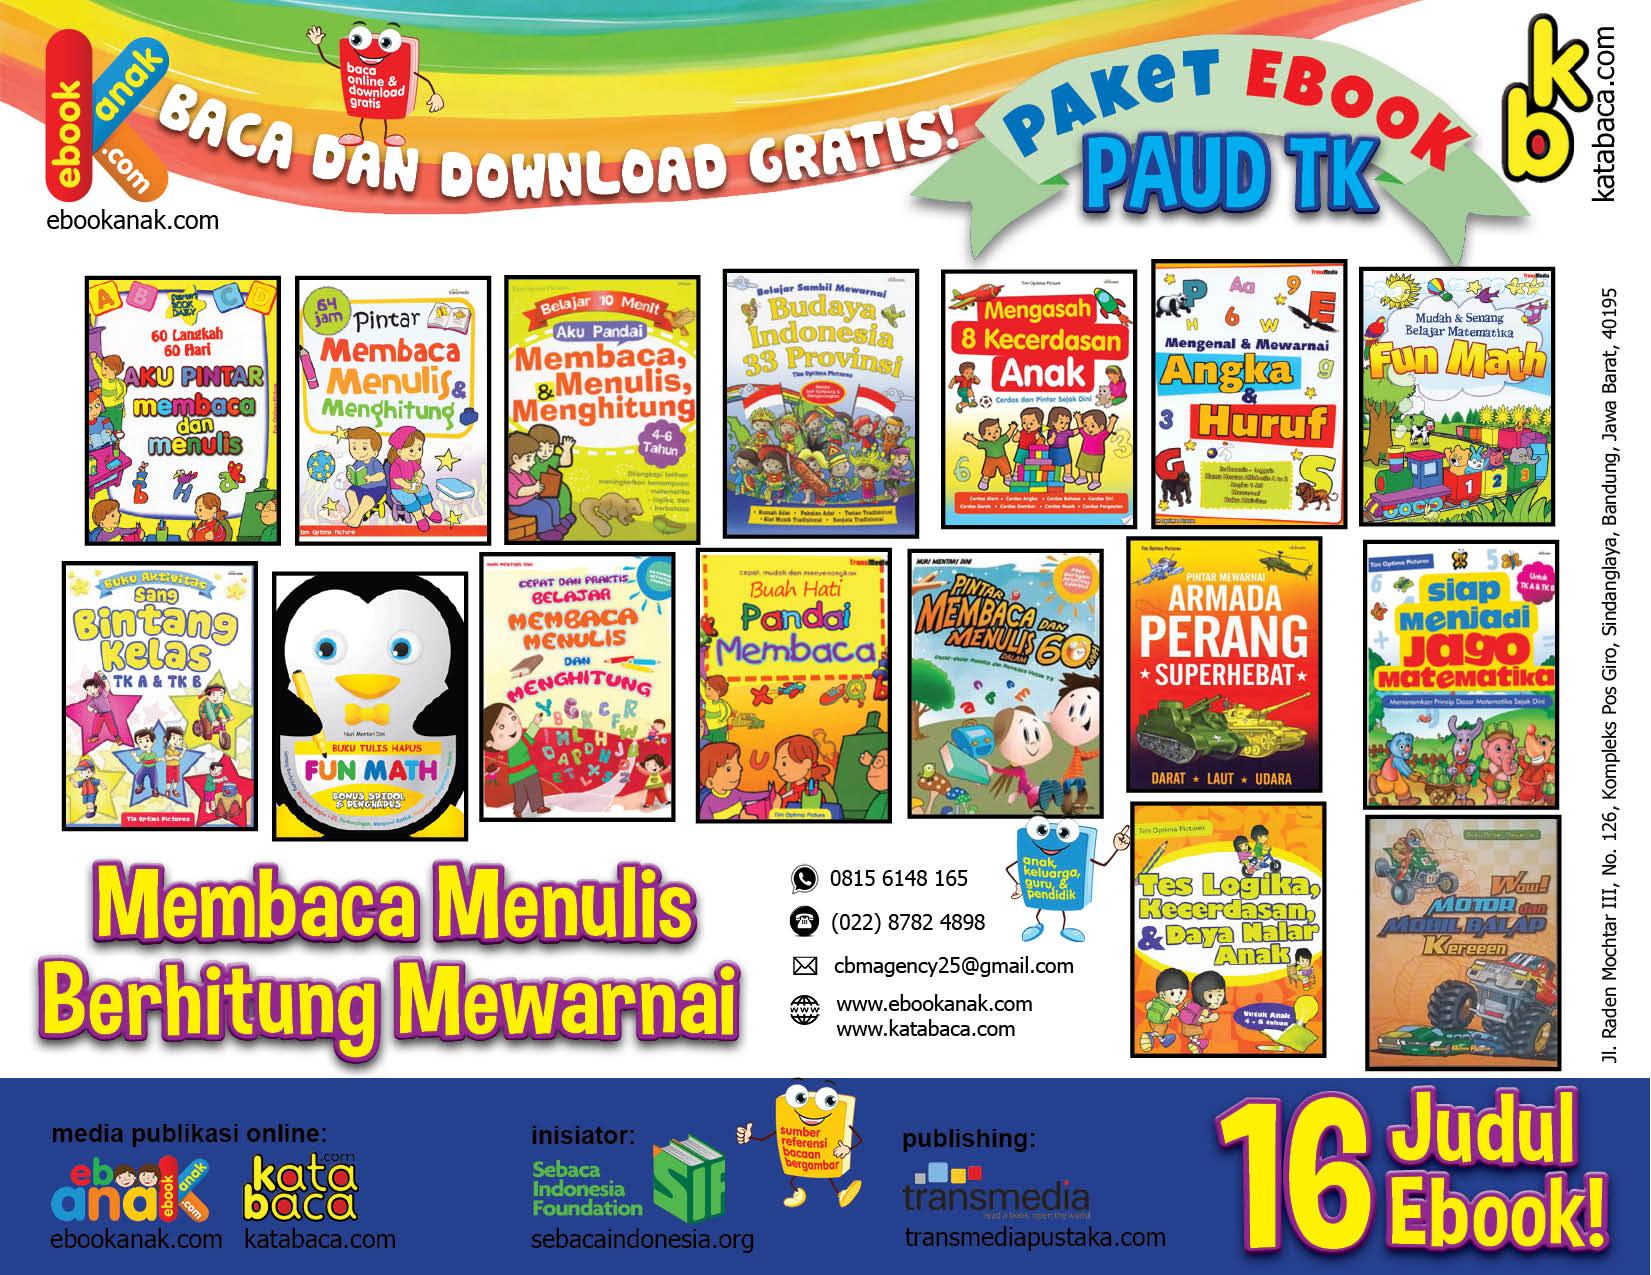 baca dan download paket ebook paud tk membaca menulis berhitung mewarnai